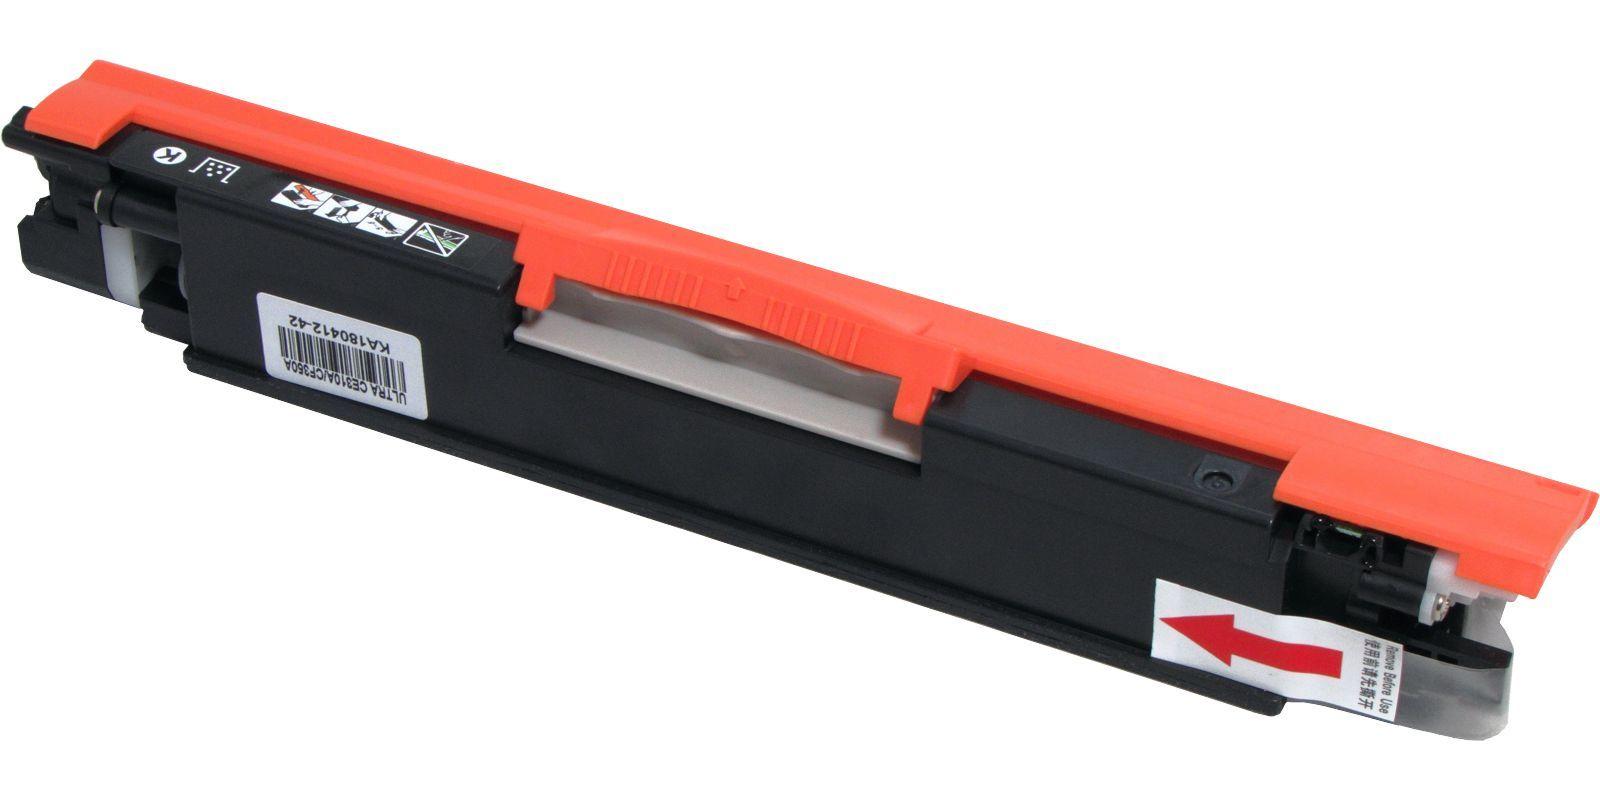 Картридж лазерный цветной MAK №126A/130A Universal CE313A/CF353A пурпурный (magenta), до 1000 стр. для HP картридж profiline pl ce313a 729 for hp cp1025 cp1025nw m175a m175nw m275 canon 7010 7010c lbp7018c magenta